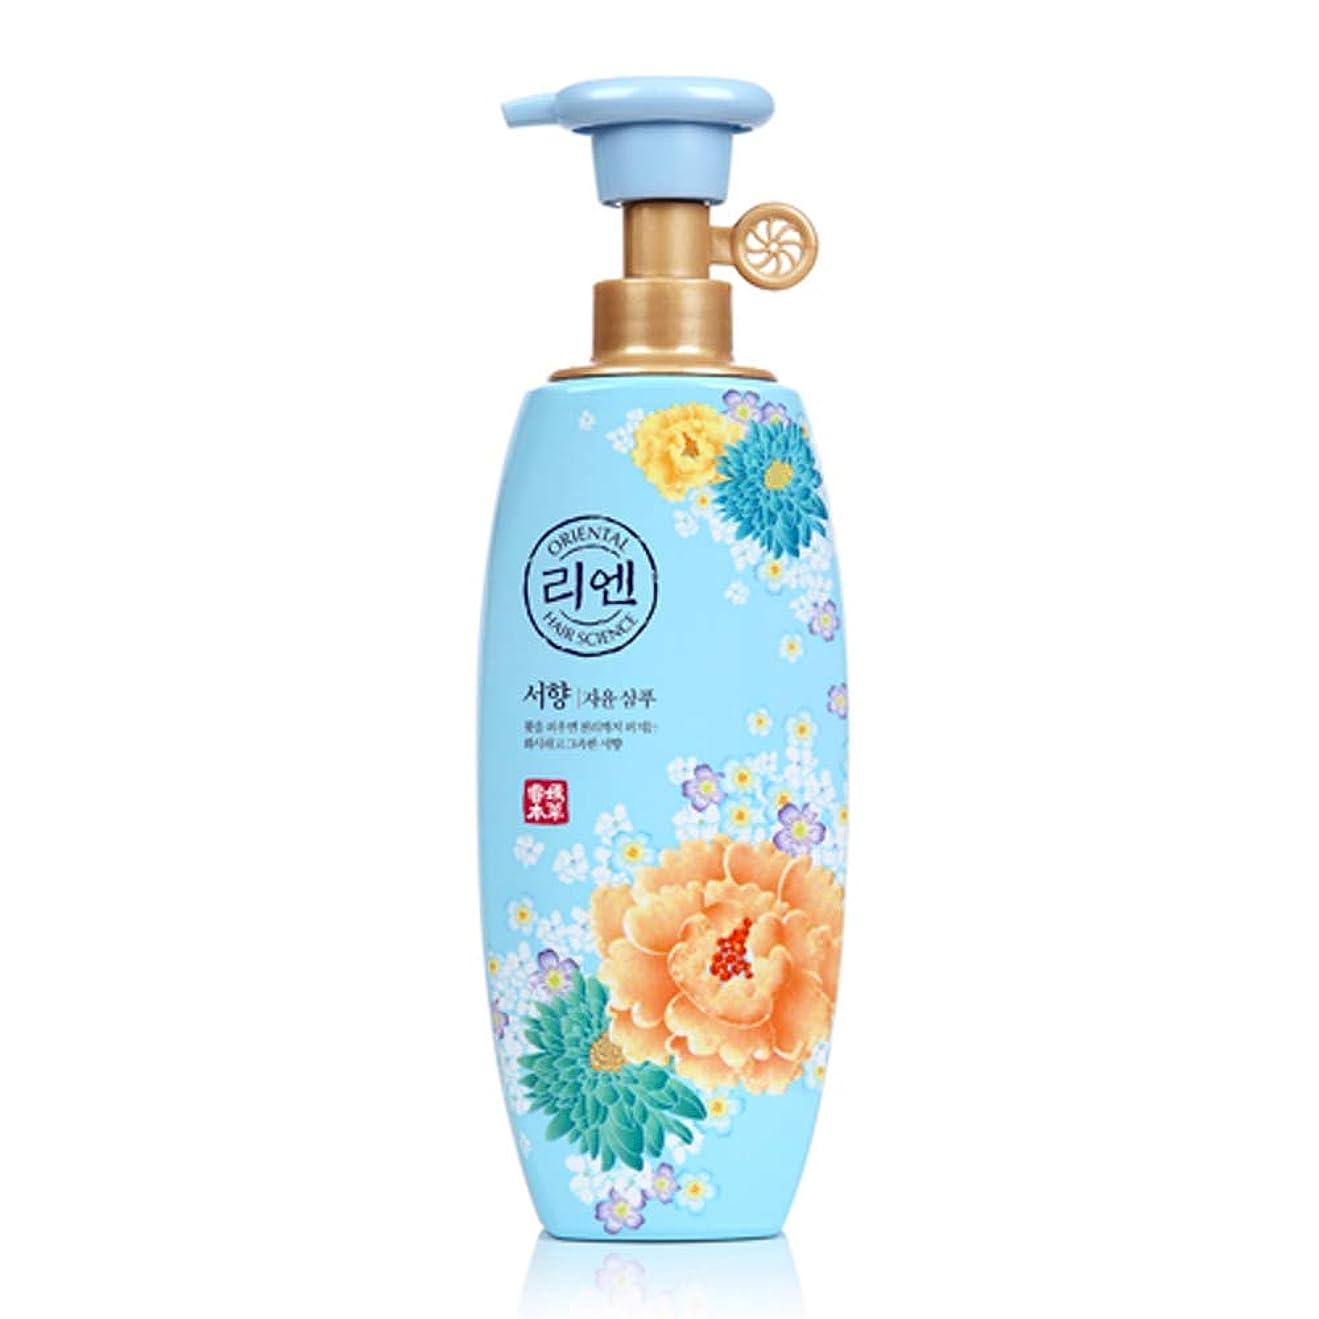 オーストラリア人コンパス時々時々[ReEn] リエン シャンプー 沈丁花(チンチョウゲ)の香り 950ml (Botanic Seohyang Shampoo 950ml)